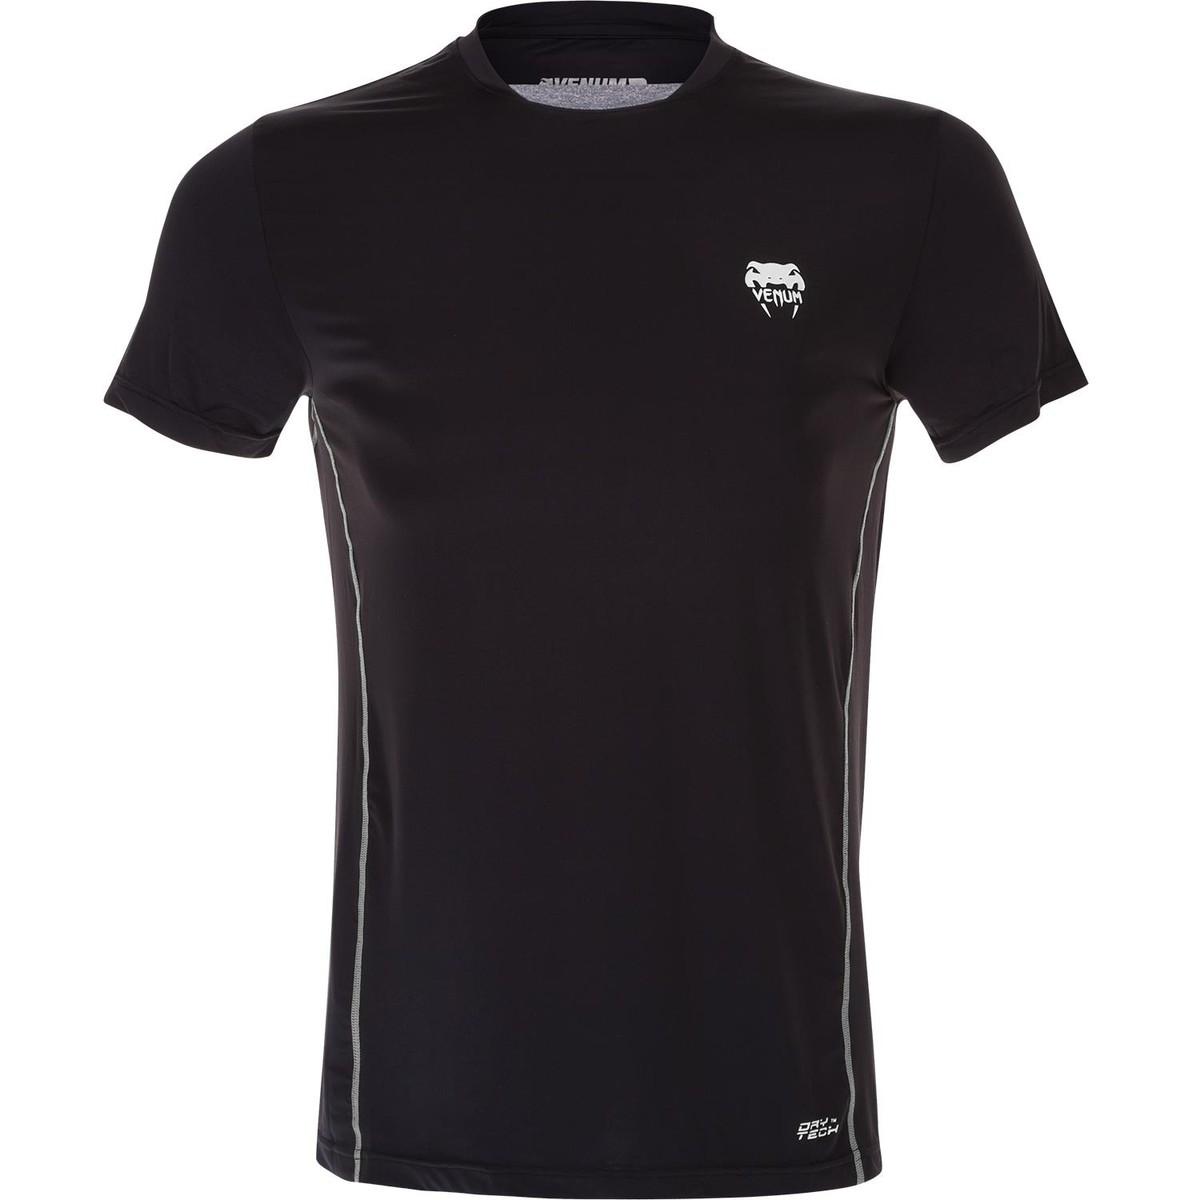 tričko pánské (termo) VENUM - Contender Dry Tech - Black/Ice - 1331